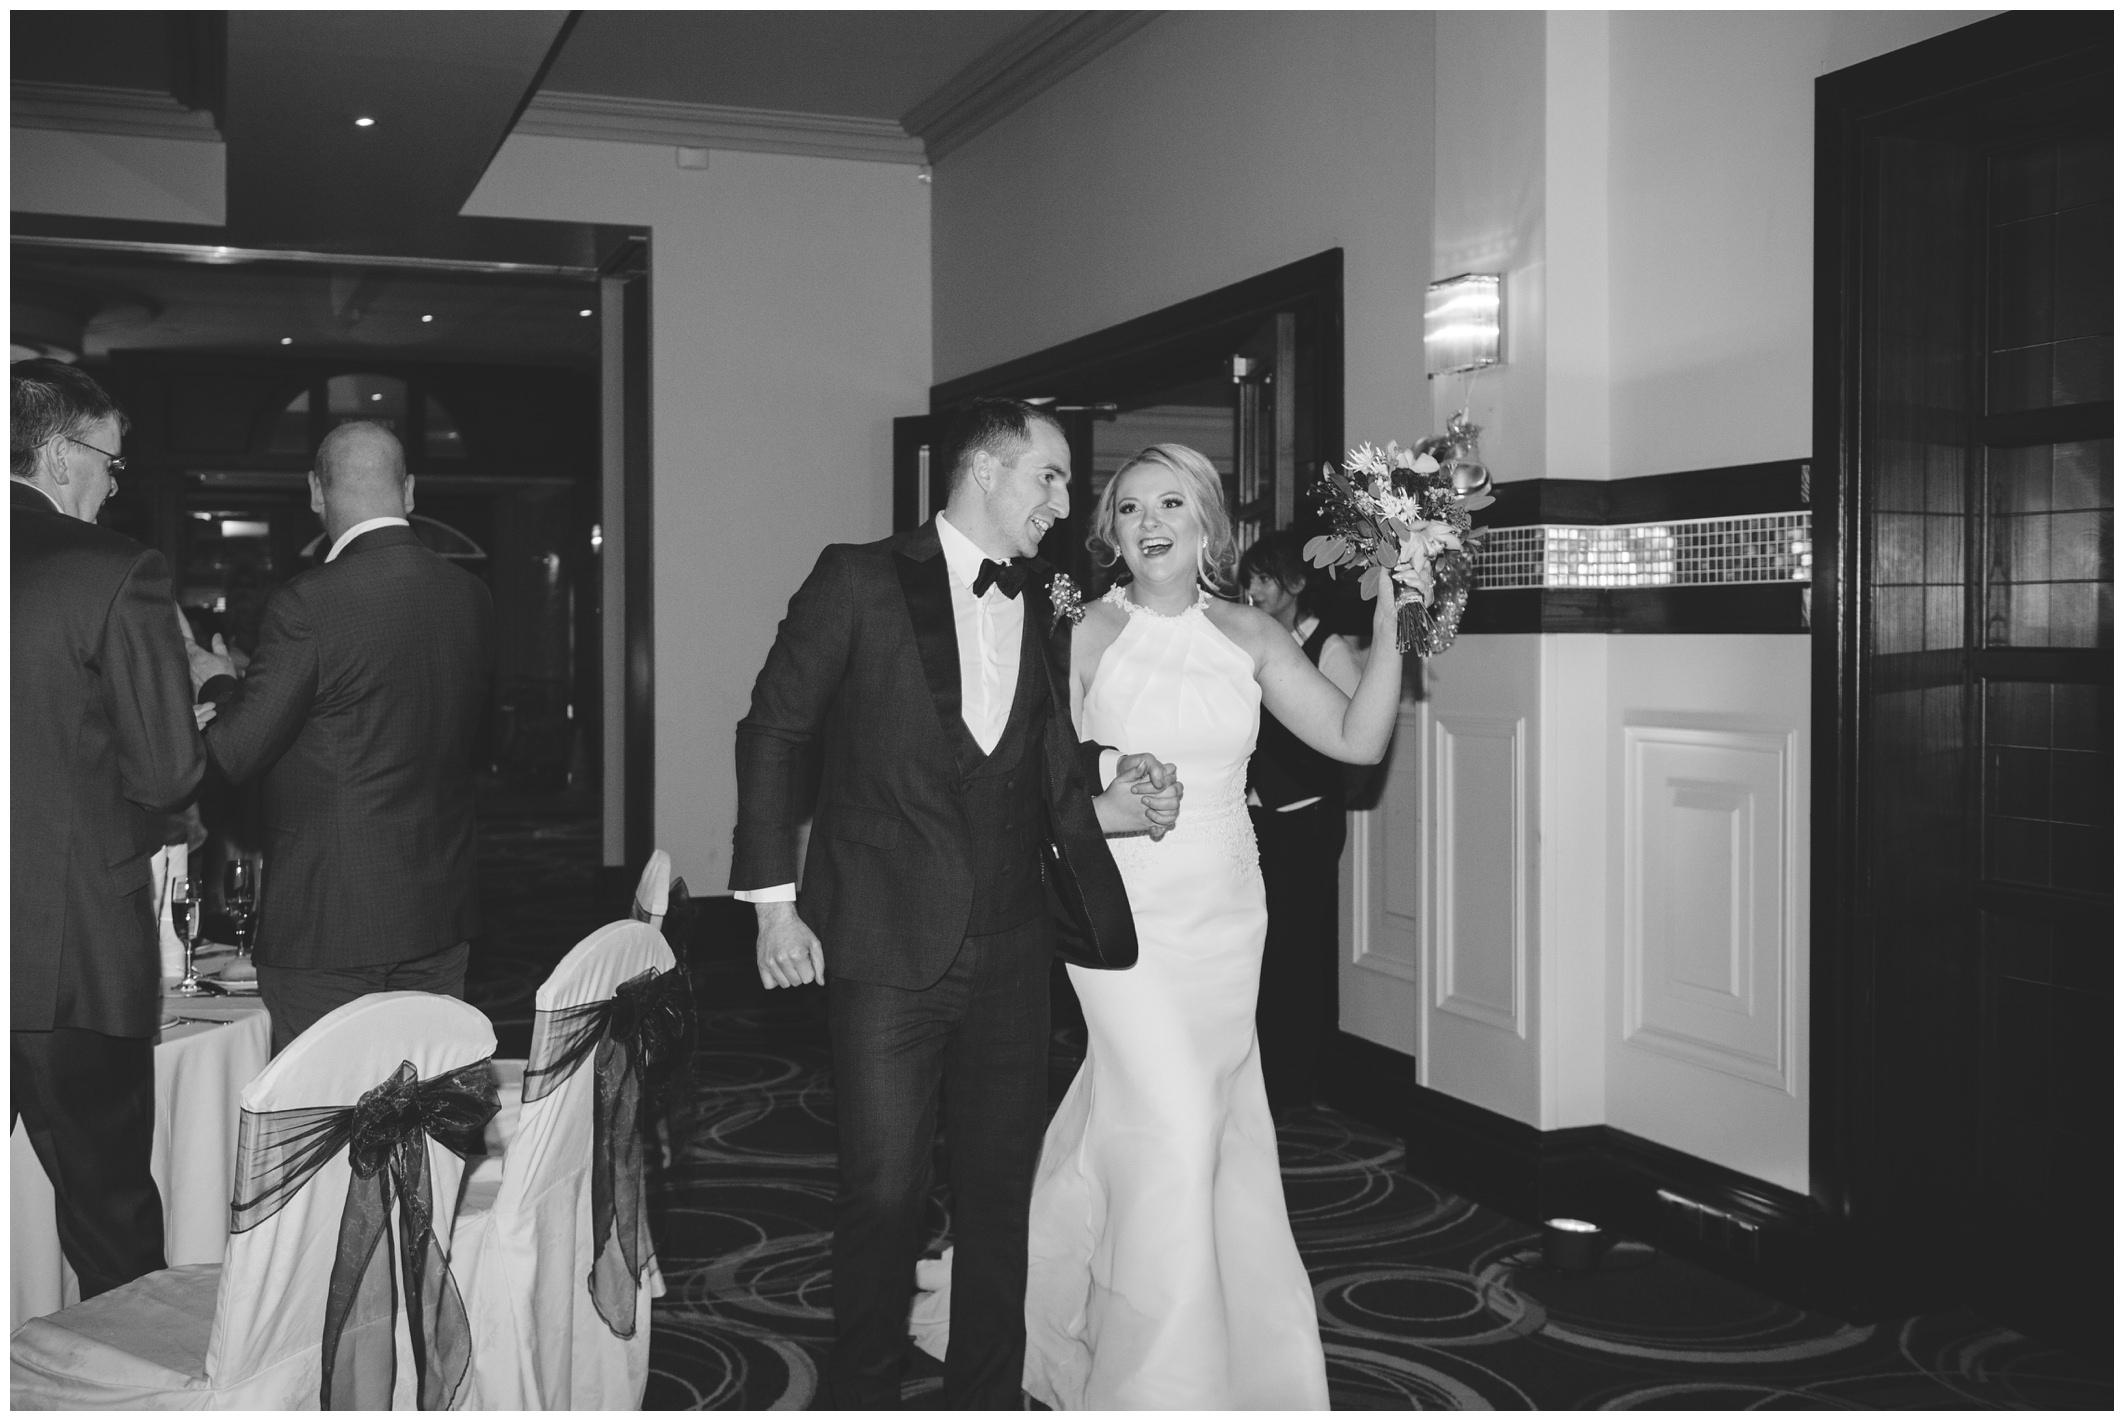 silver_tassie_wedding_jude_browne_photography_0097.jpg